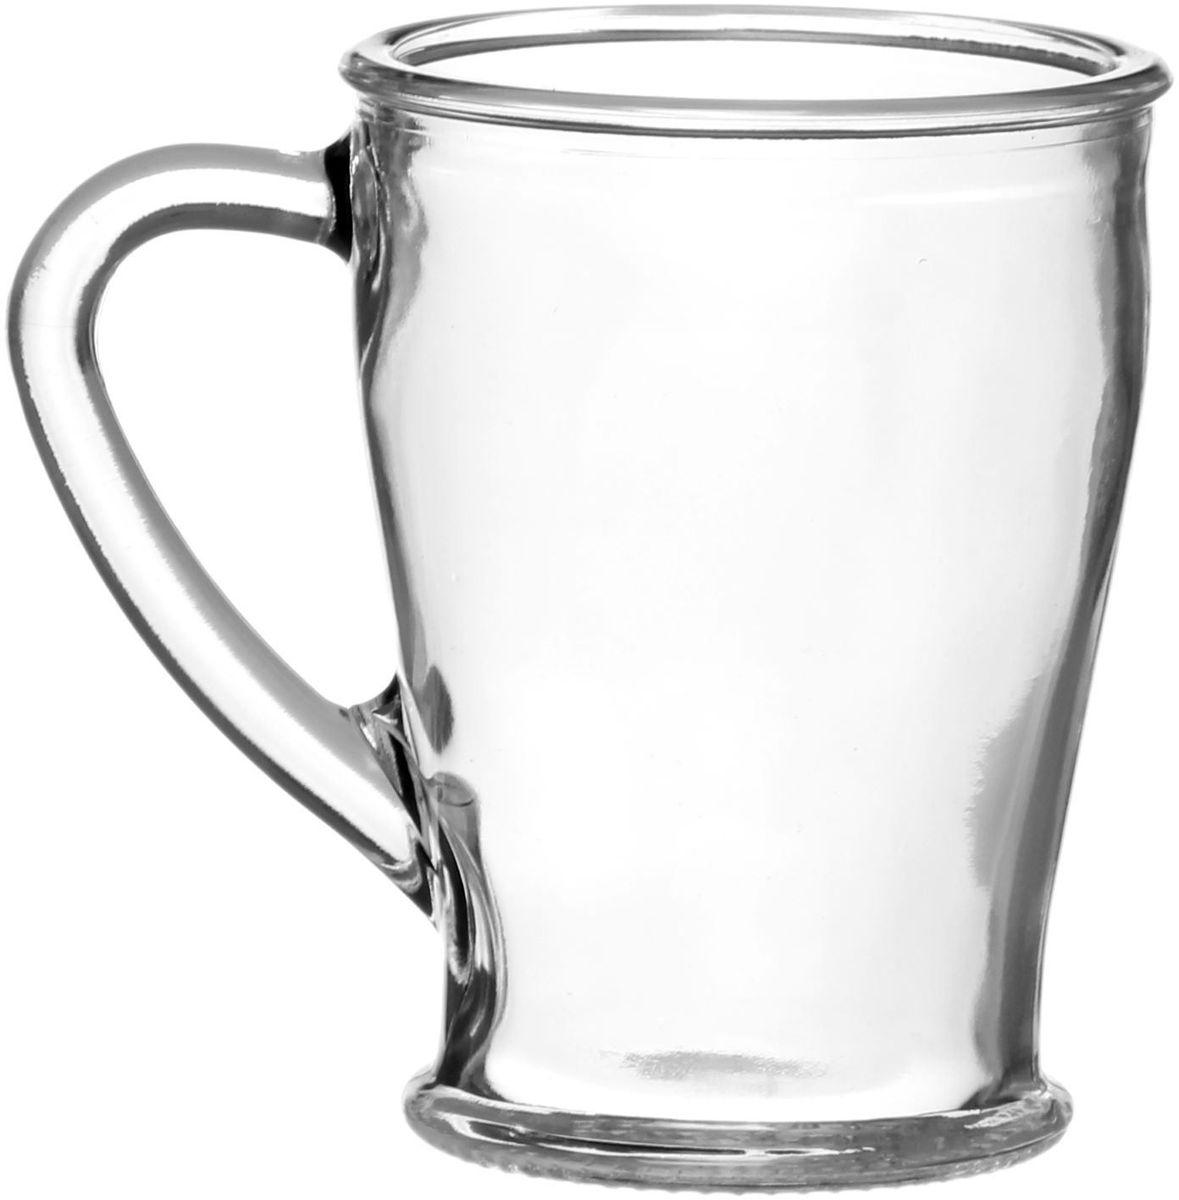 Кружка Хрустальный звон ЧайКофф, 200 мл54 009312От качества посуды зависит не только вкус еды, но и здоровье человека. Кружка Хрустальный звон ЧайКофф - товар, соответствующий российским стандартам качества. Кружка выполнена из высококачественного стекла.Любой хозяйке будет приятно держать ее в руках.